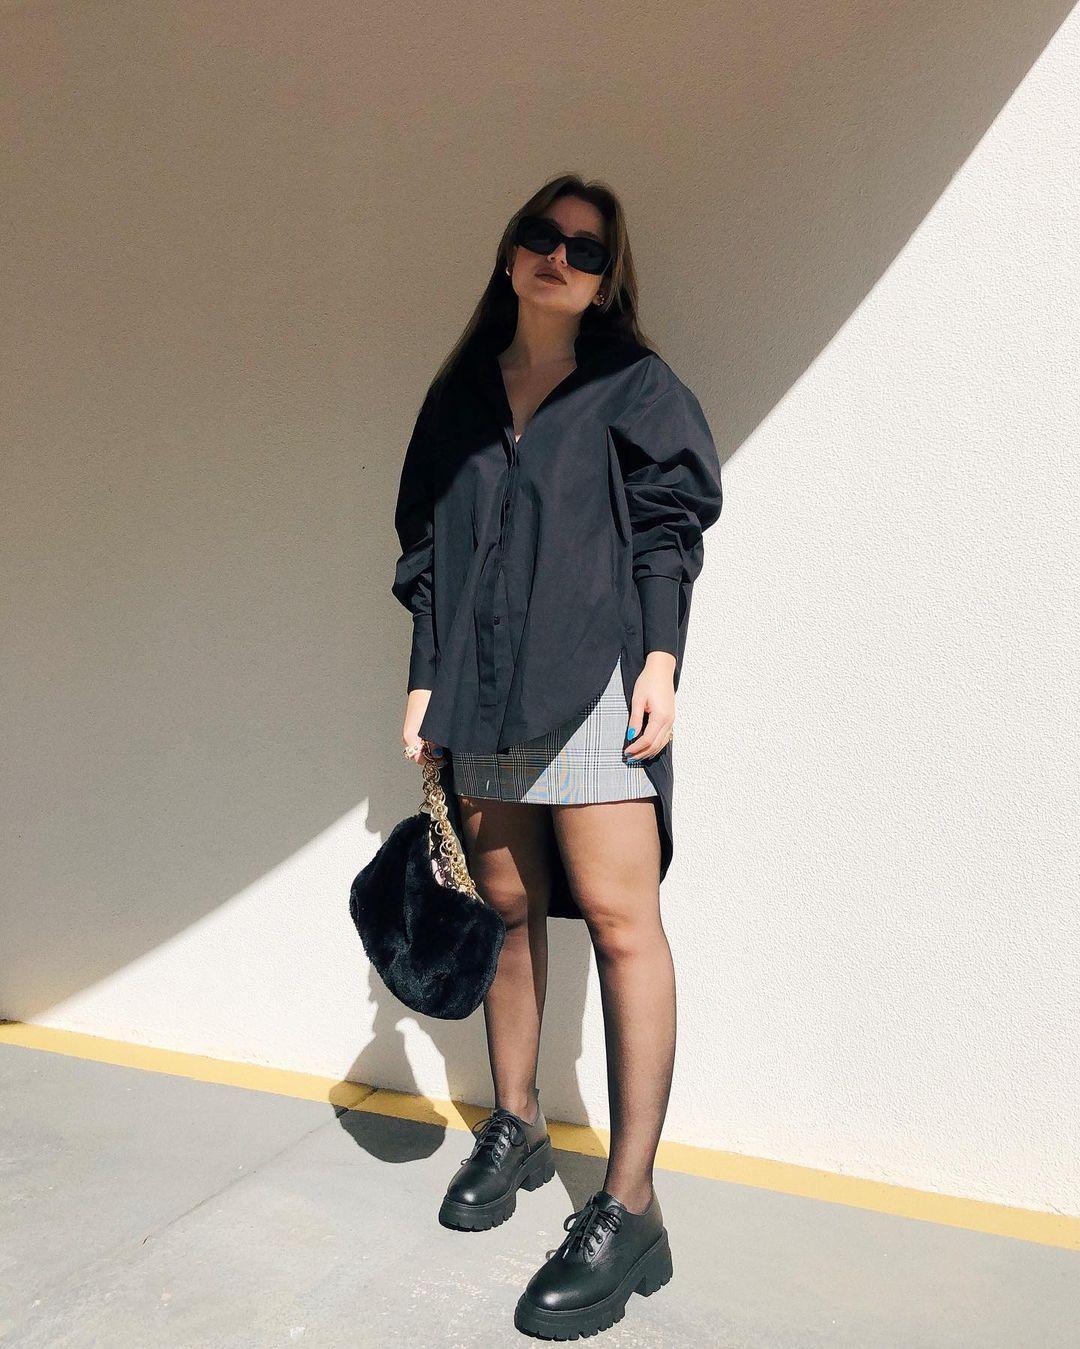 camisa preta com mangas bufantes, minissaia, meia-calça, chunky oxford